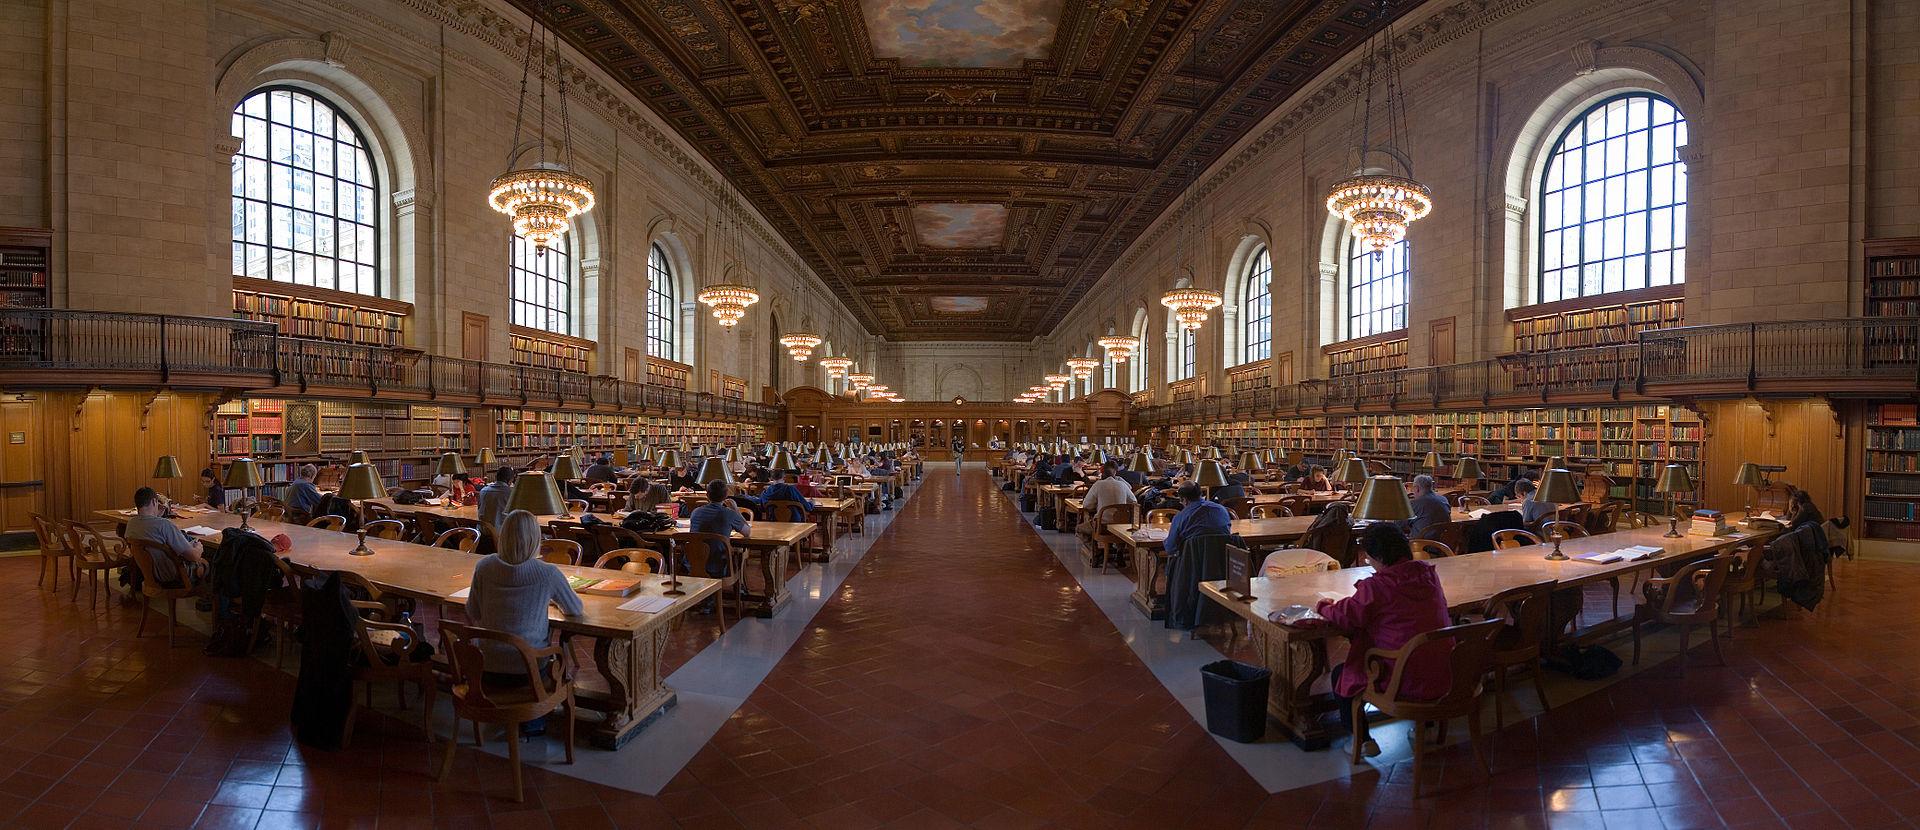 New York Public Library - prizor iz vremena prije korone